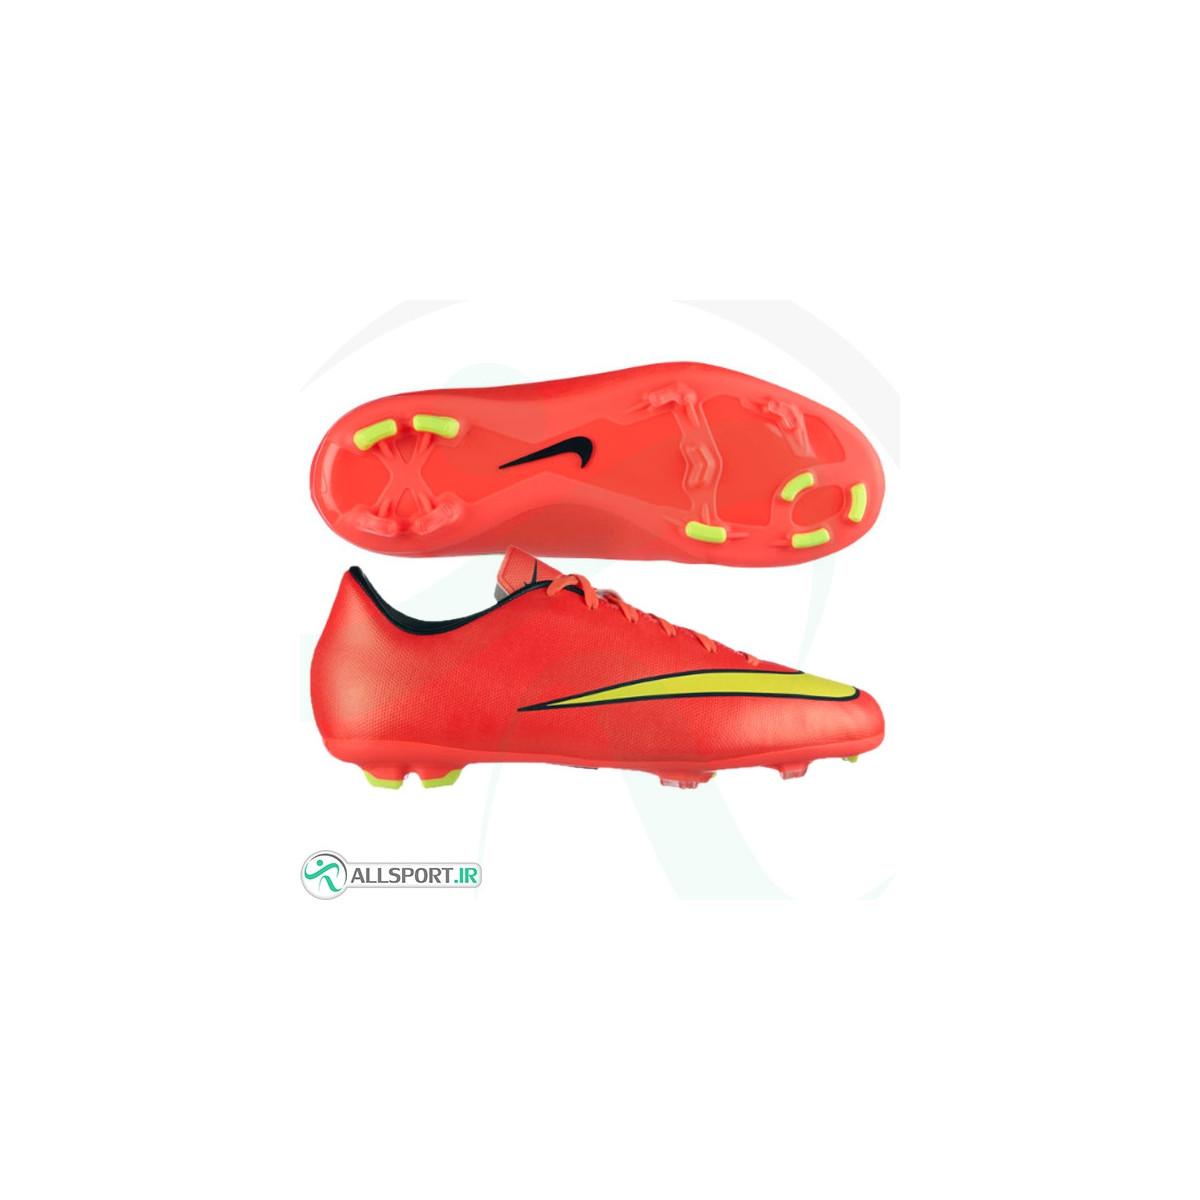 کفش فوتبال بچهگانه نایک مرکوریال ویکتوری 5 Nike Mercurial Victory ...کفش فوتبال بچهگانه نایک مرکوریال ویکتوری 5 Nike Mercurial Victory V FG